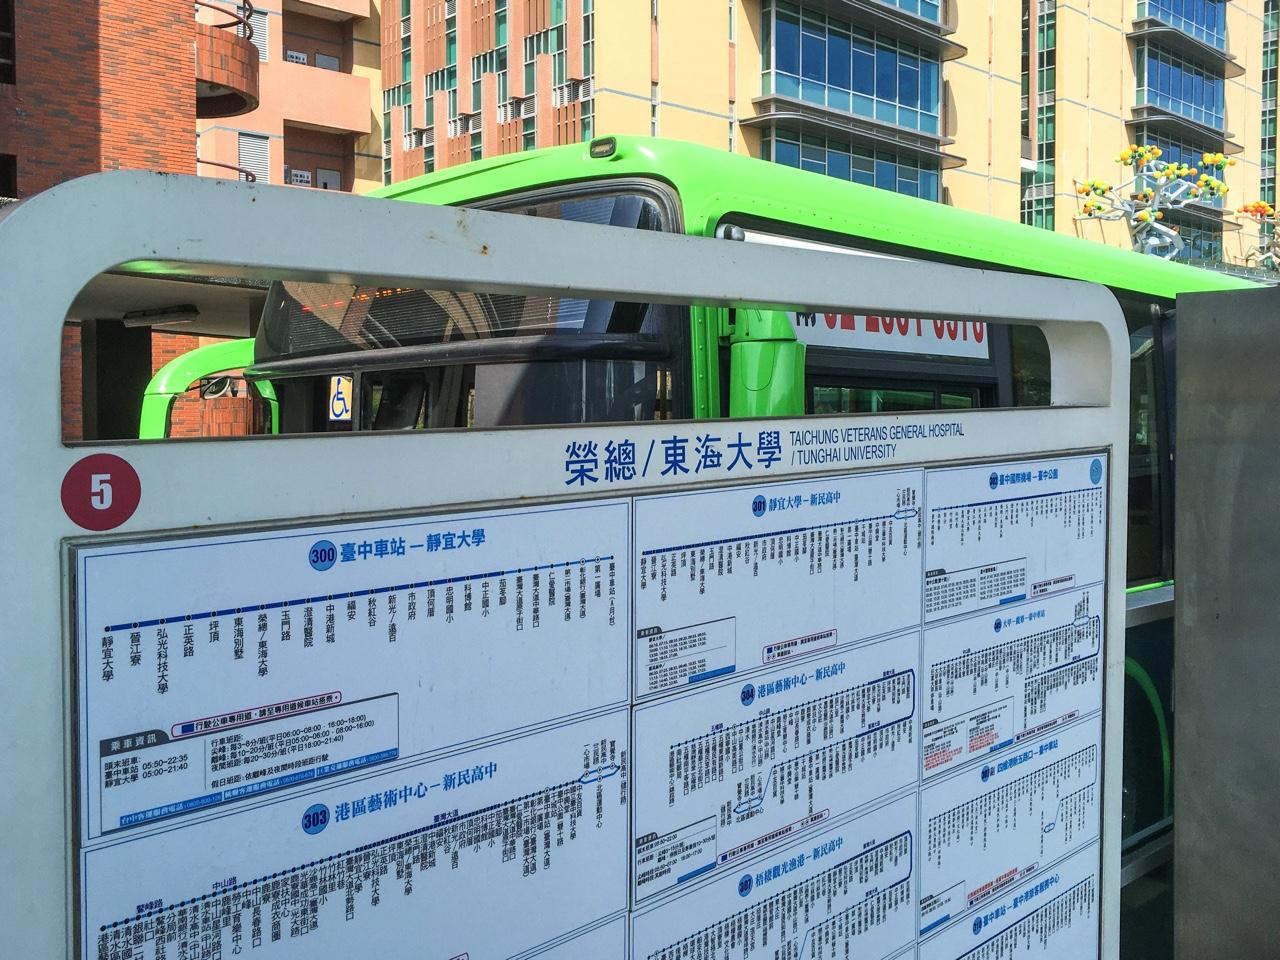 バス停榮總/東海大學